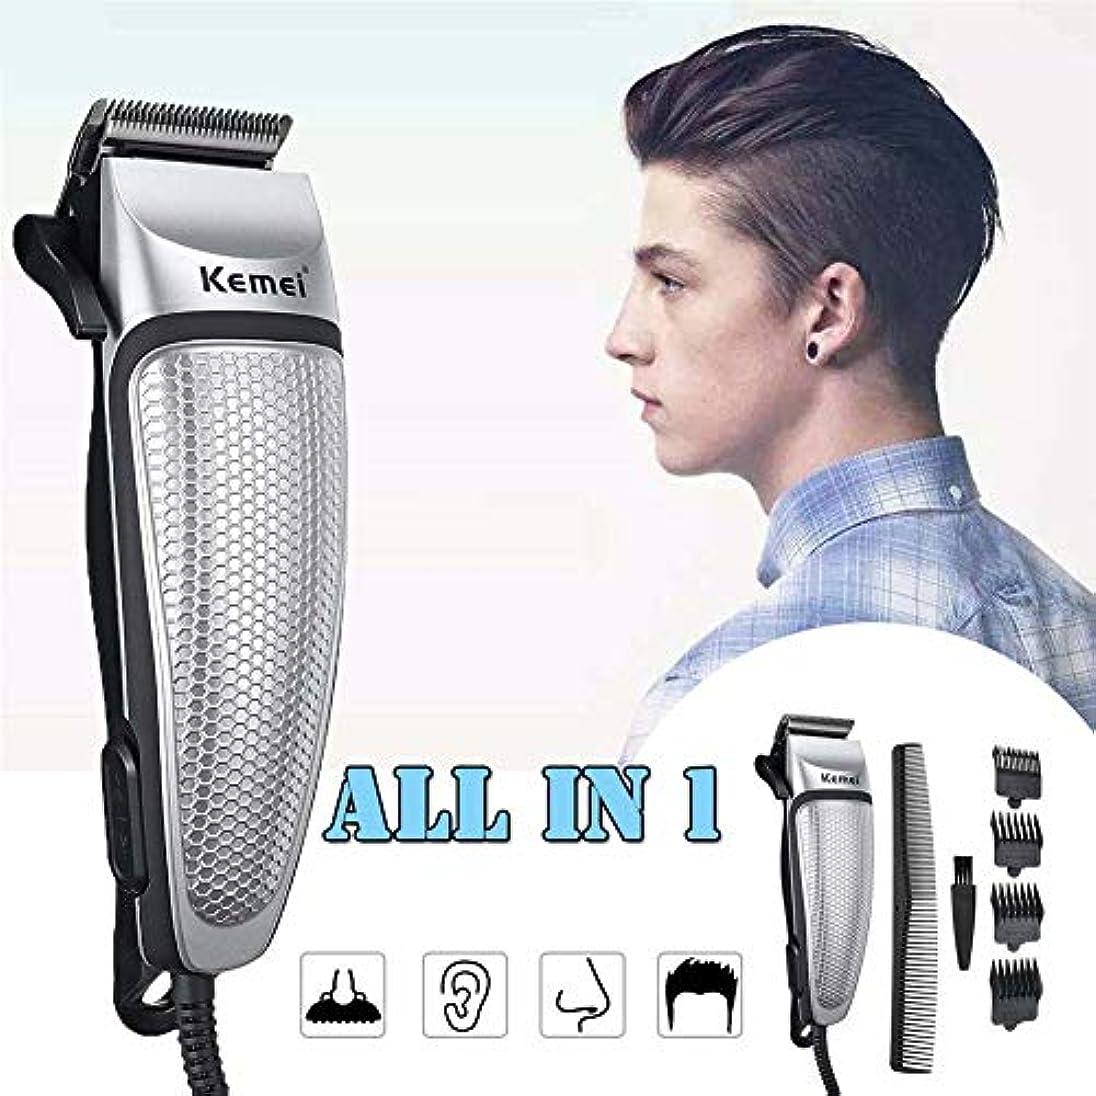 段階絶対に強度バリカン、電気プラグインプロフェッショナルヘアトリマースタイリングツールヘアシェービングマシンヘアカットマシン用男性